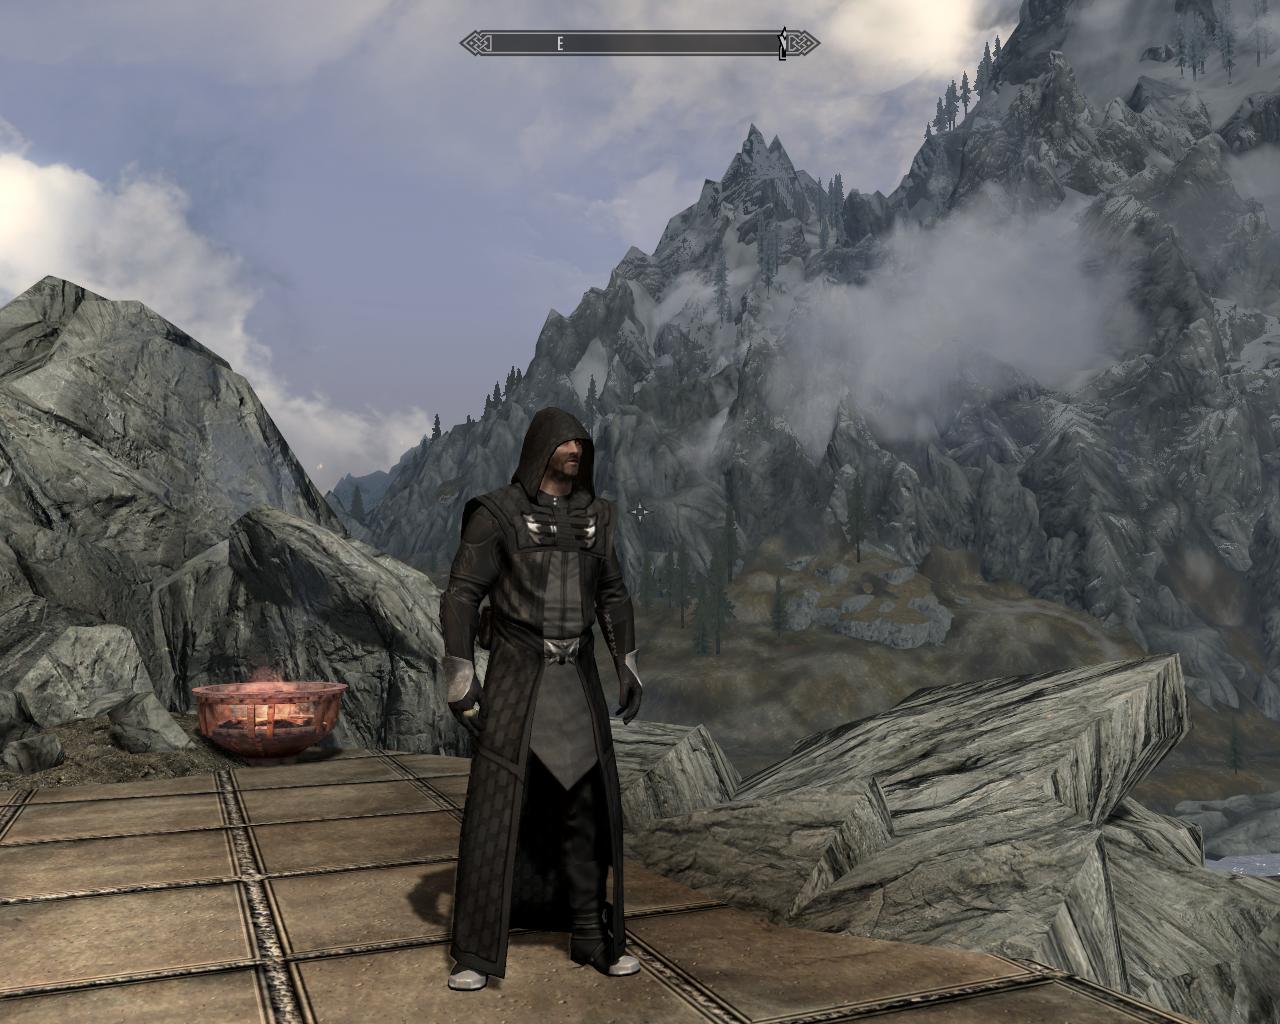 Скачать моды на скайрим на броню инквизитора